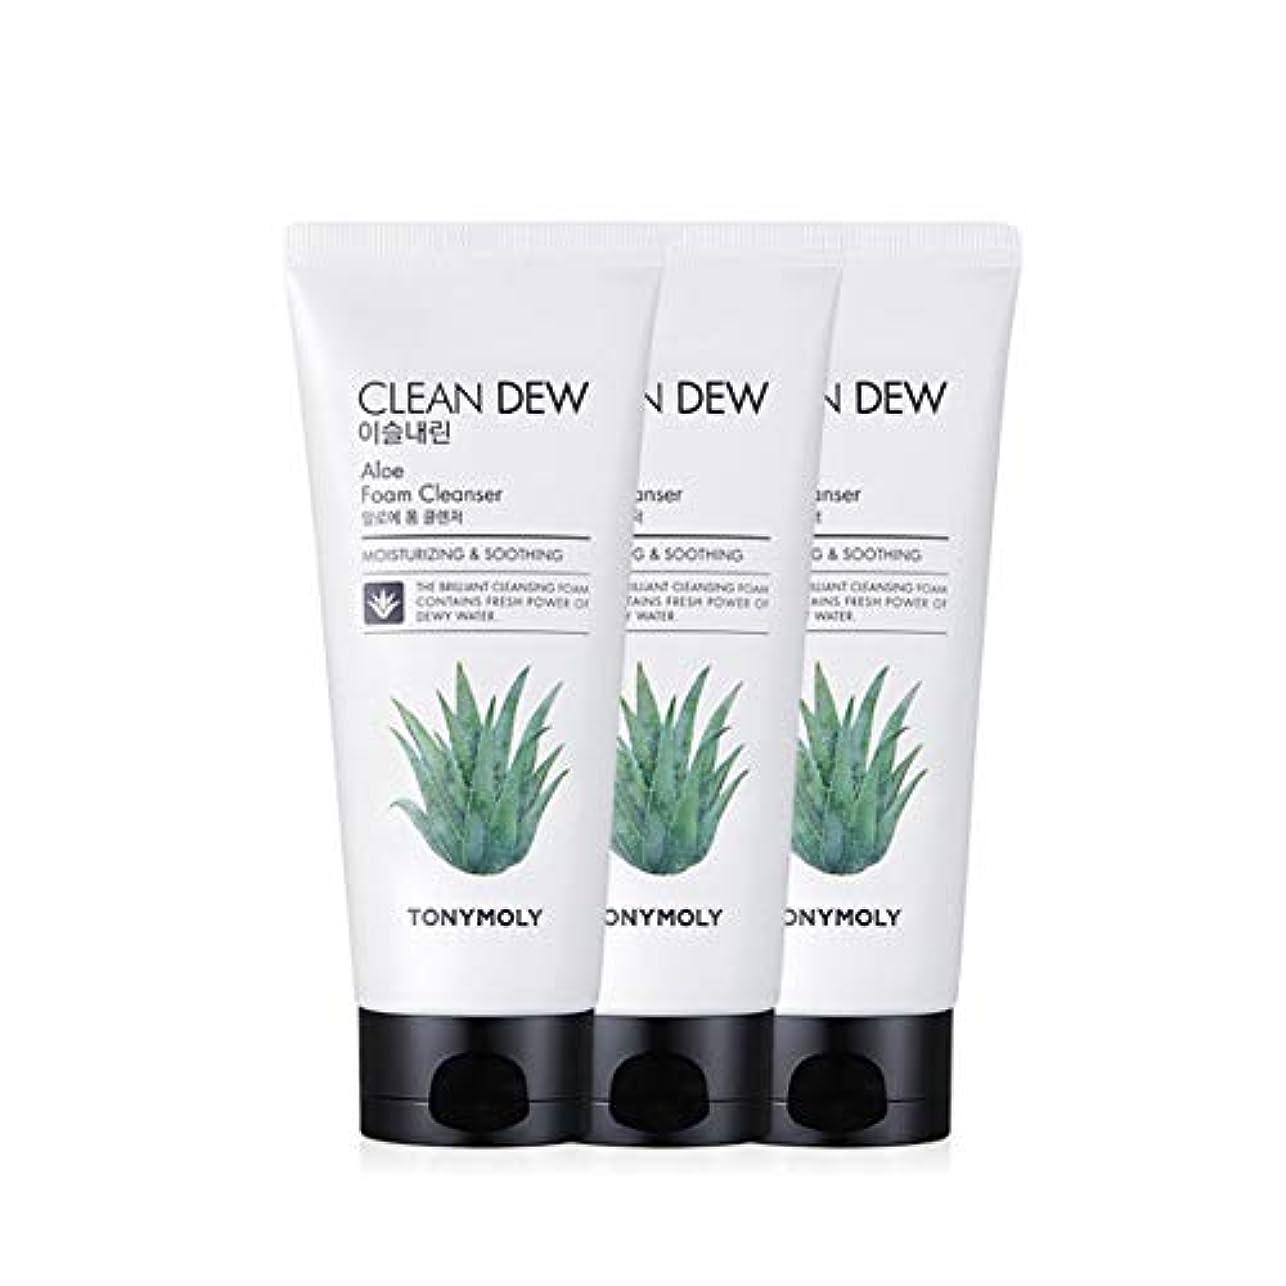 方程式柱忘れられないトニーモリークリーンデューアロエフォームクレンザー180mlx3本セット韓国コスメ、Tonymoly Clean Dew Aloe Foam Cleanser 180ml x 3ea Set Korean Cosmetics...